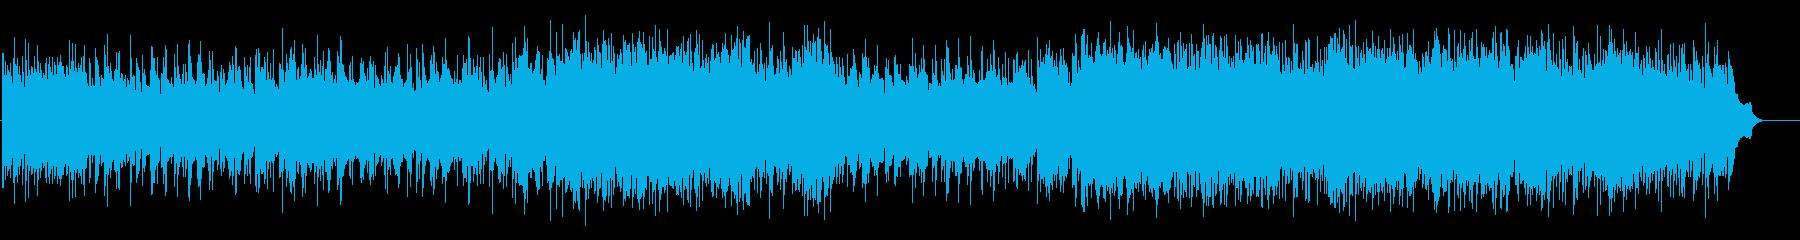 スローなピアノバラード(フルサイズ)の再生済みの波形